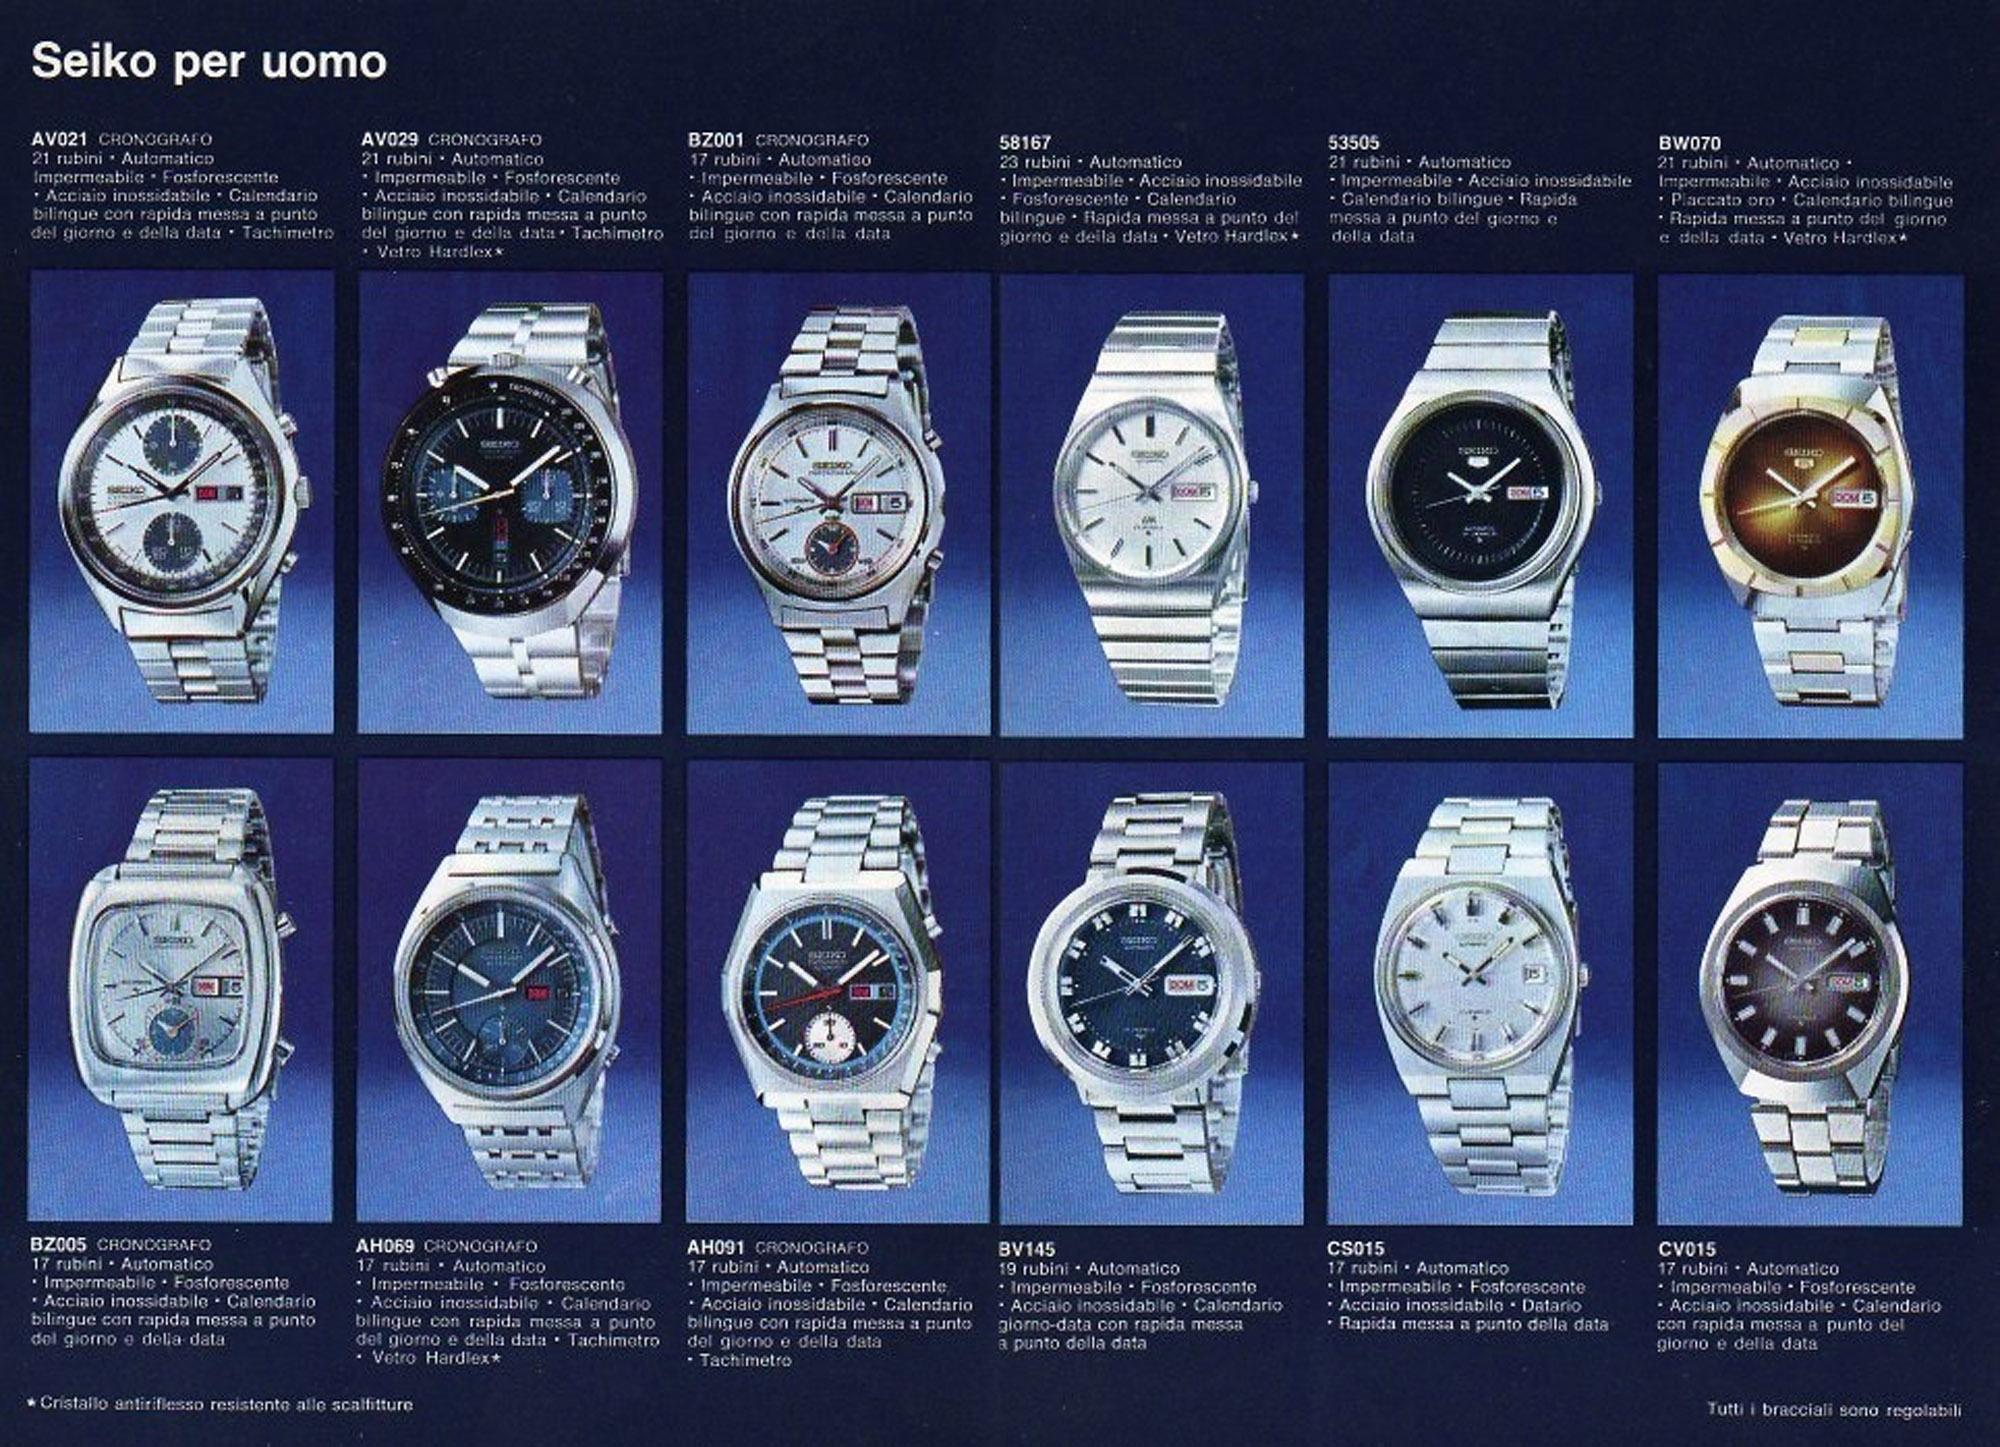 Calendario Ebel.Tbt Automatic Flyback Chronograph Seiko 7016 8000